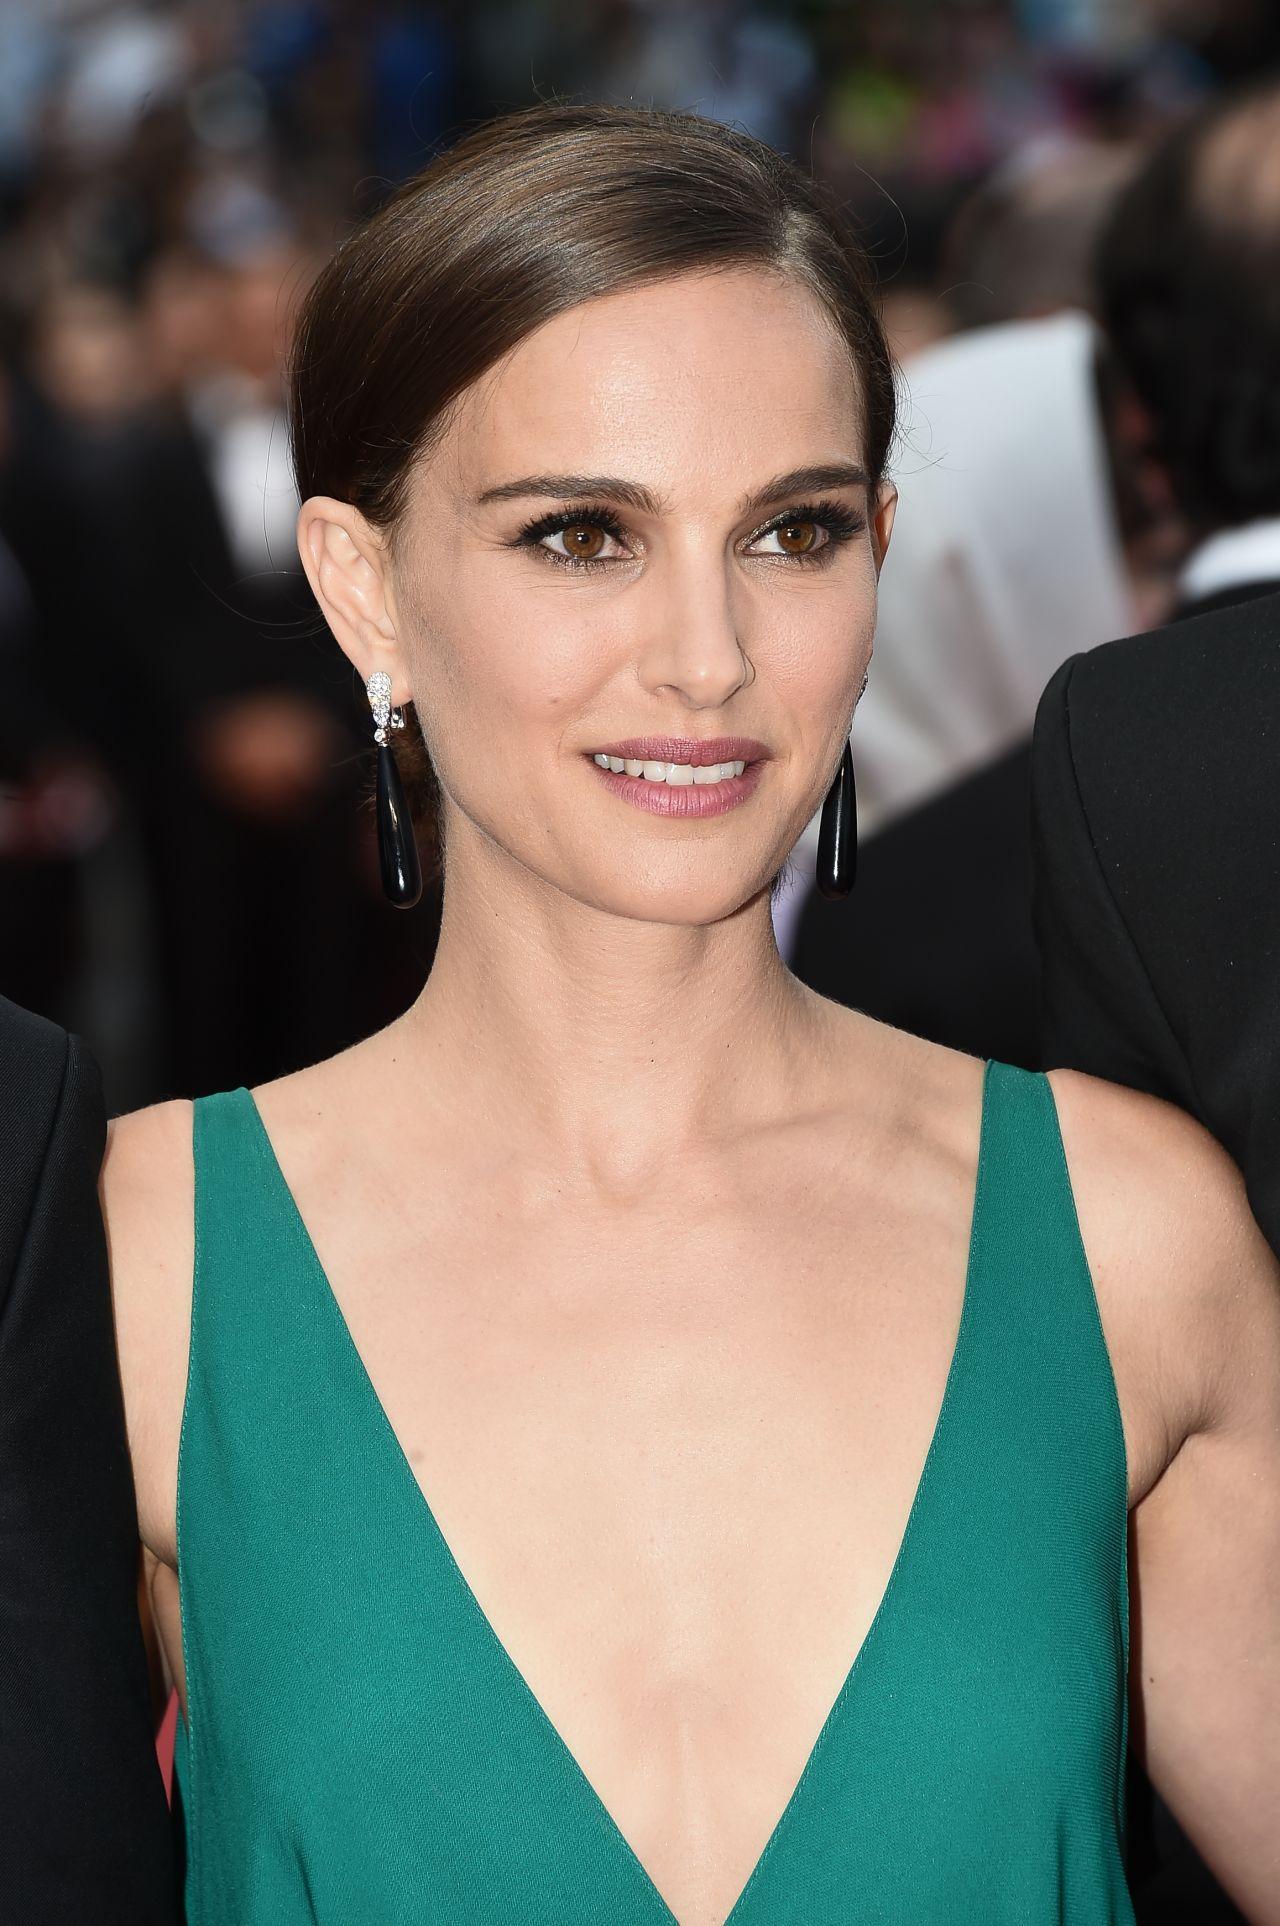 Natalie Portman - Sica... Natalie Portman